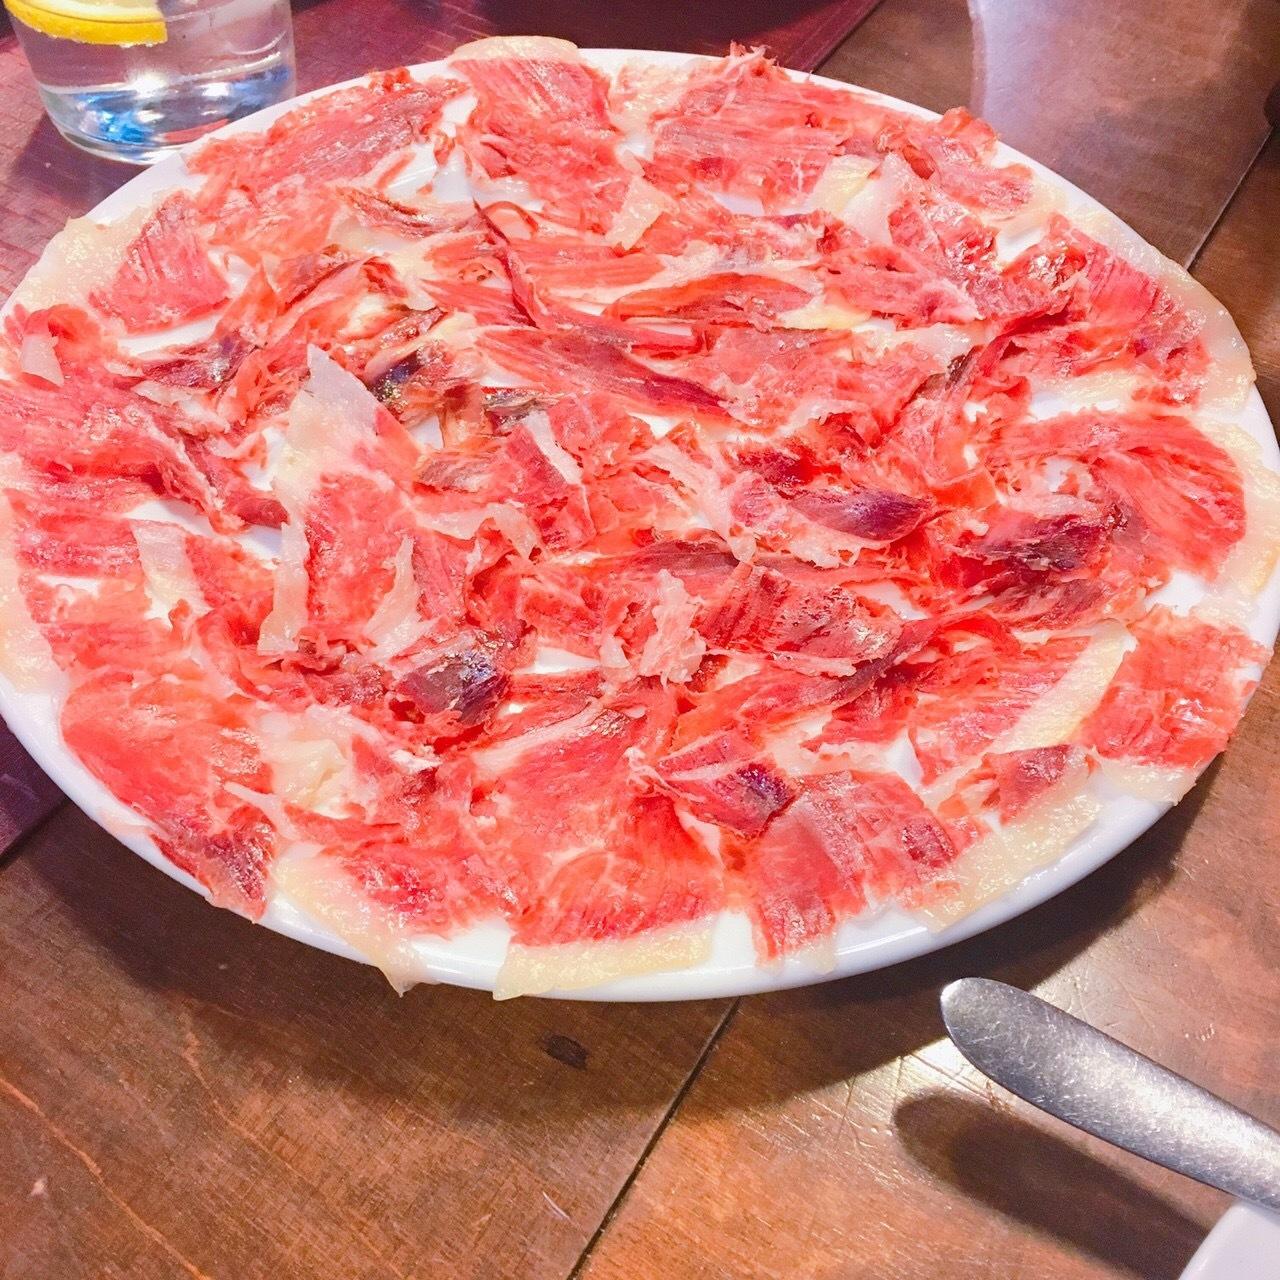 食べ尽くす!【バルセロナ】のお料理・スイーツ_1_2-2